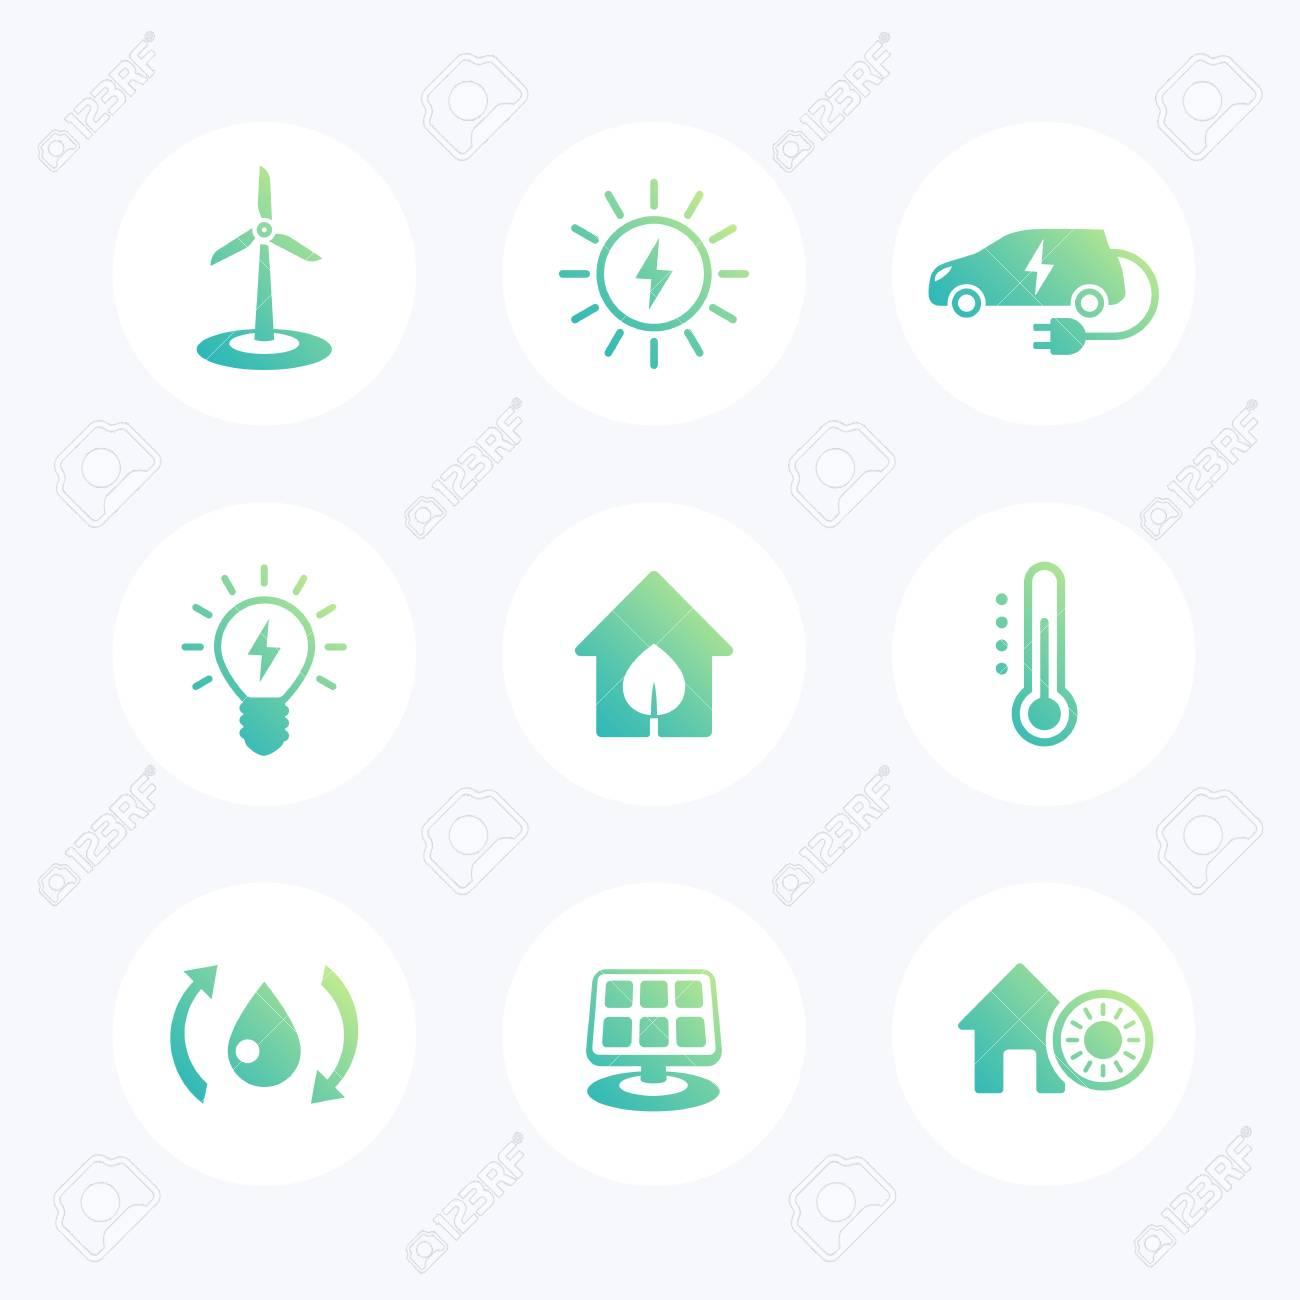 vert maison ecologique, icônes ecofriendly, les technologies d